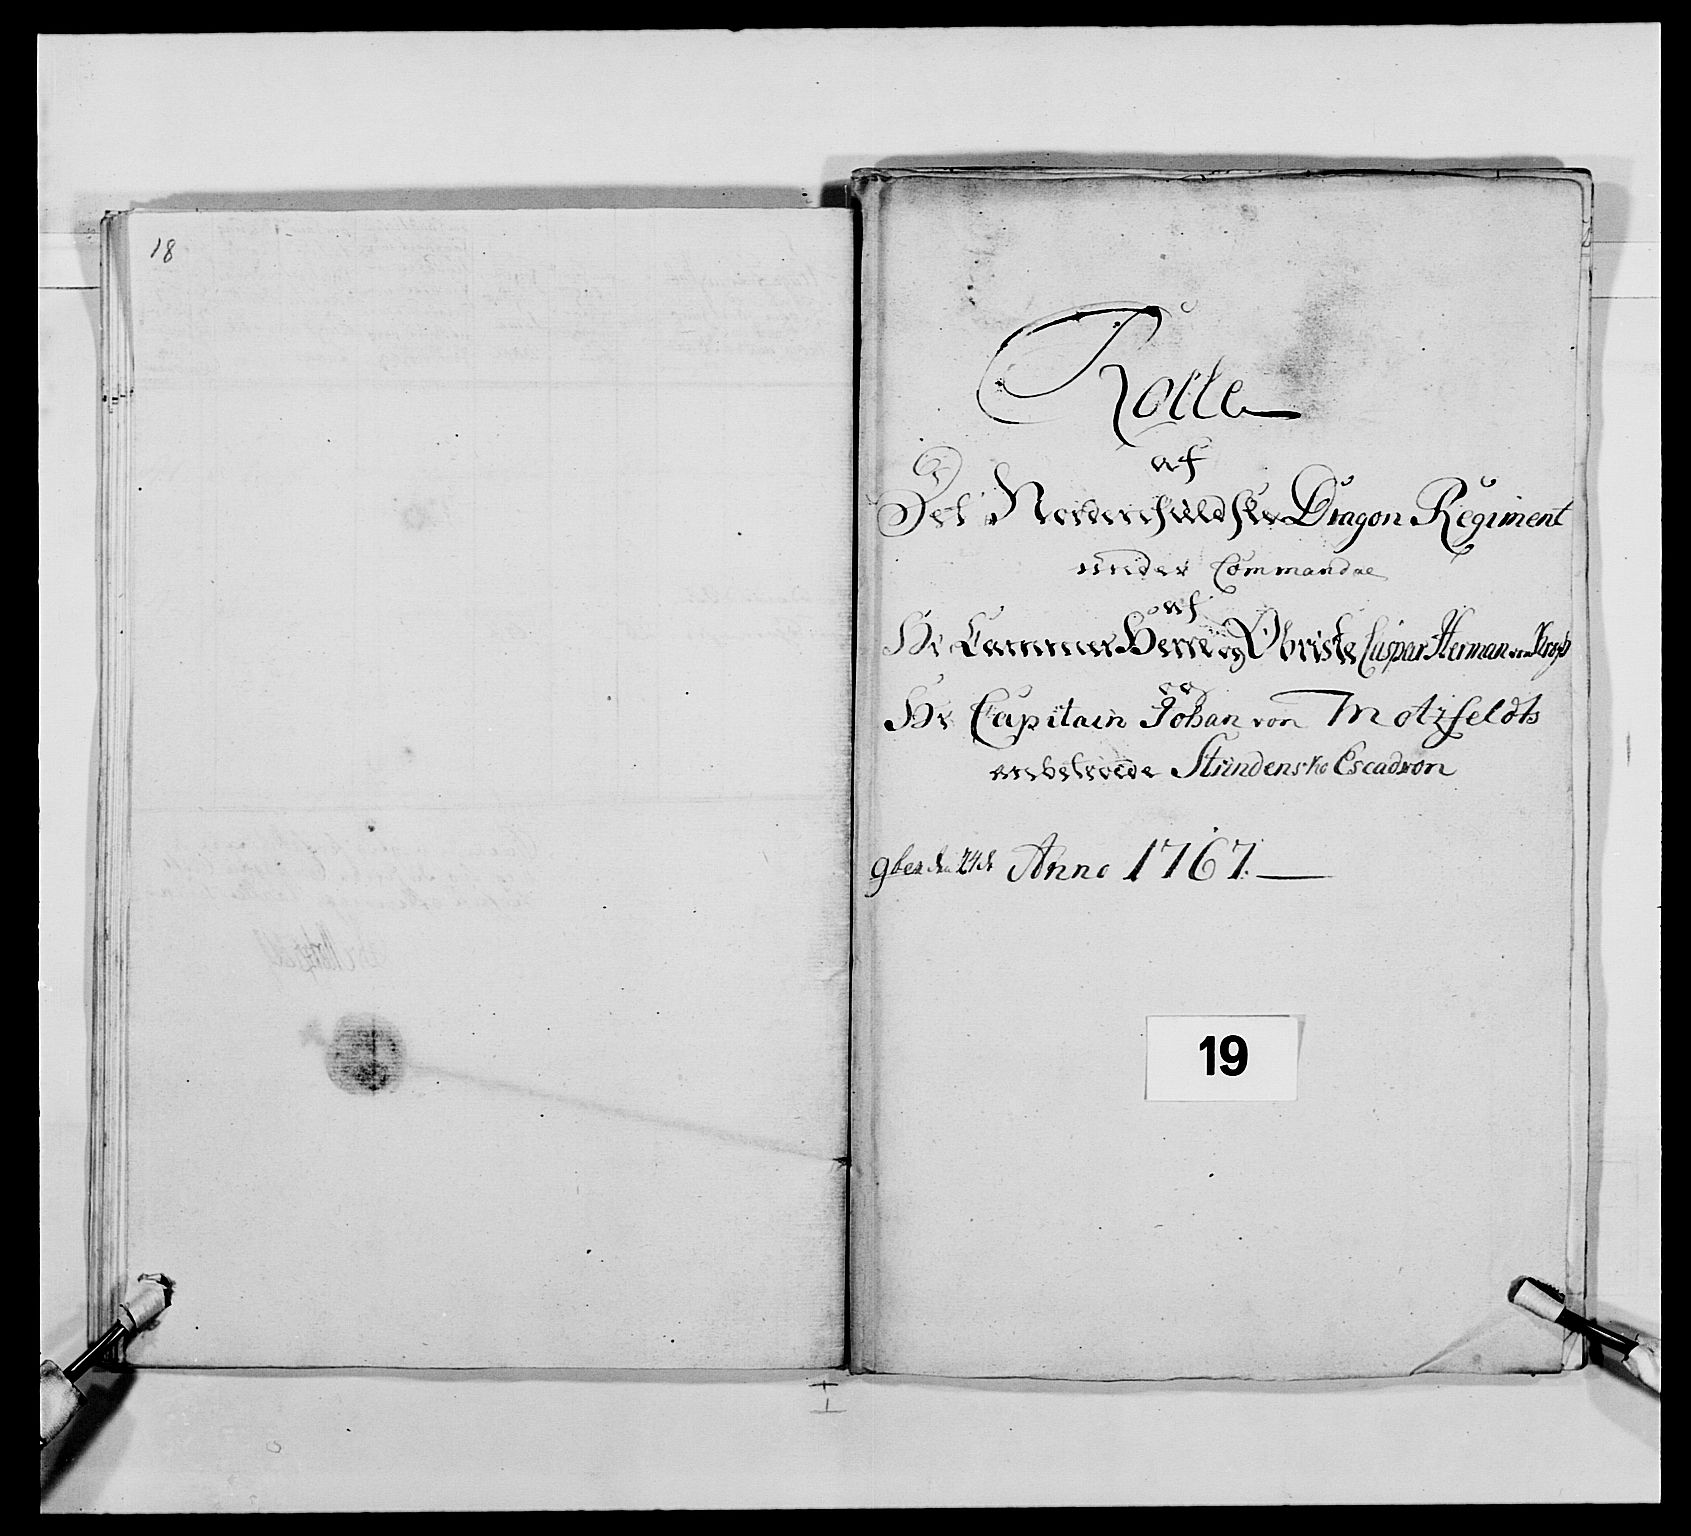 RA, Kommanderende general (KG I) med Det norske krigsdirektorium, E/Ea/L0483: Nordafjelske dragonregiment, 1765-1767, s. 453